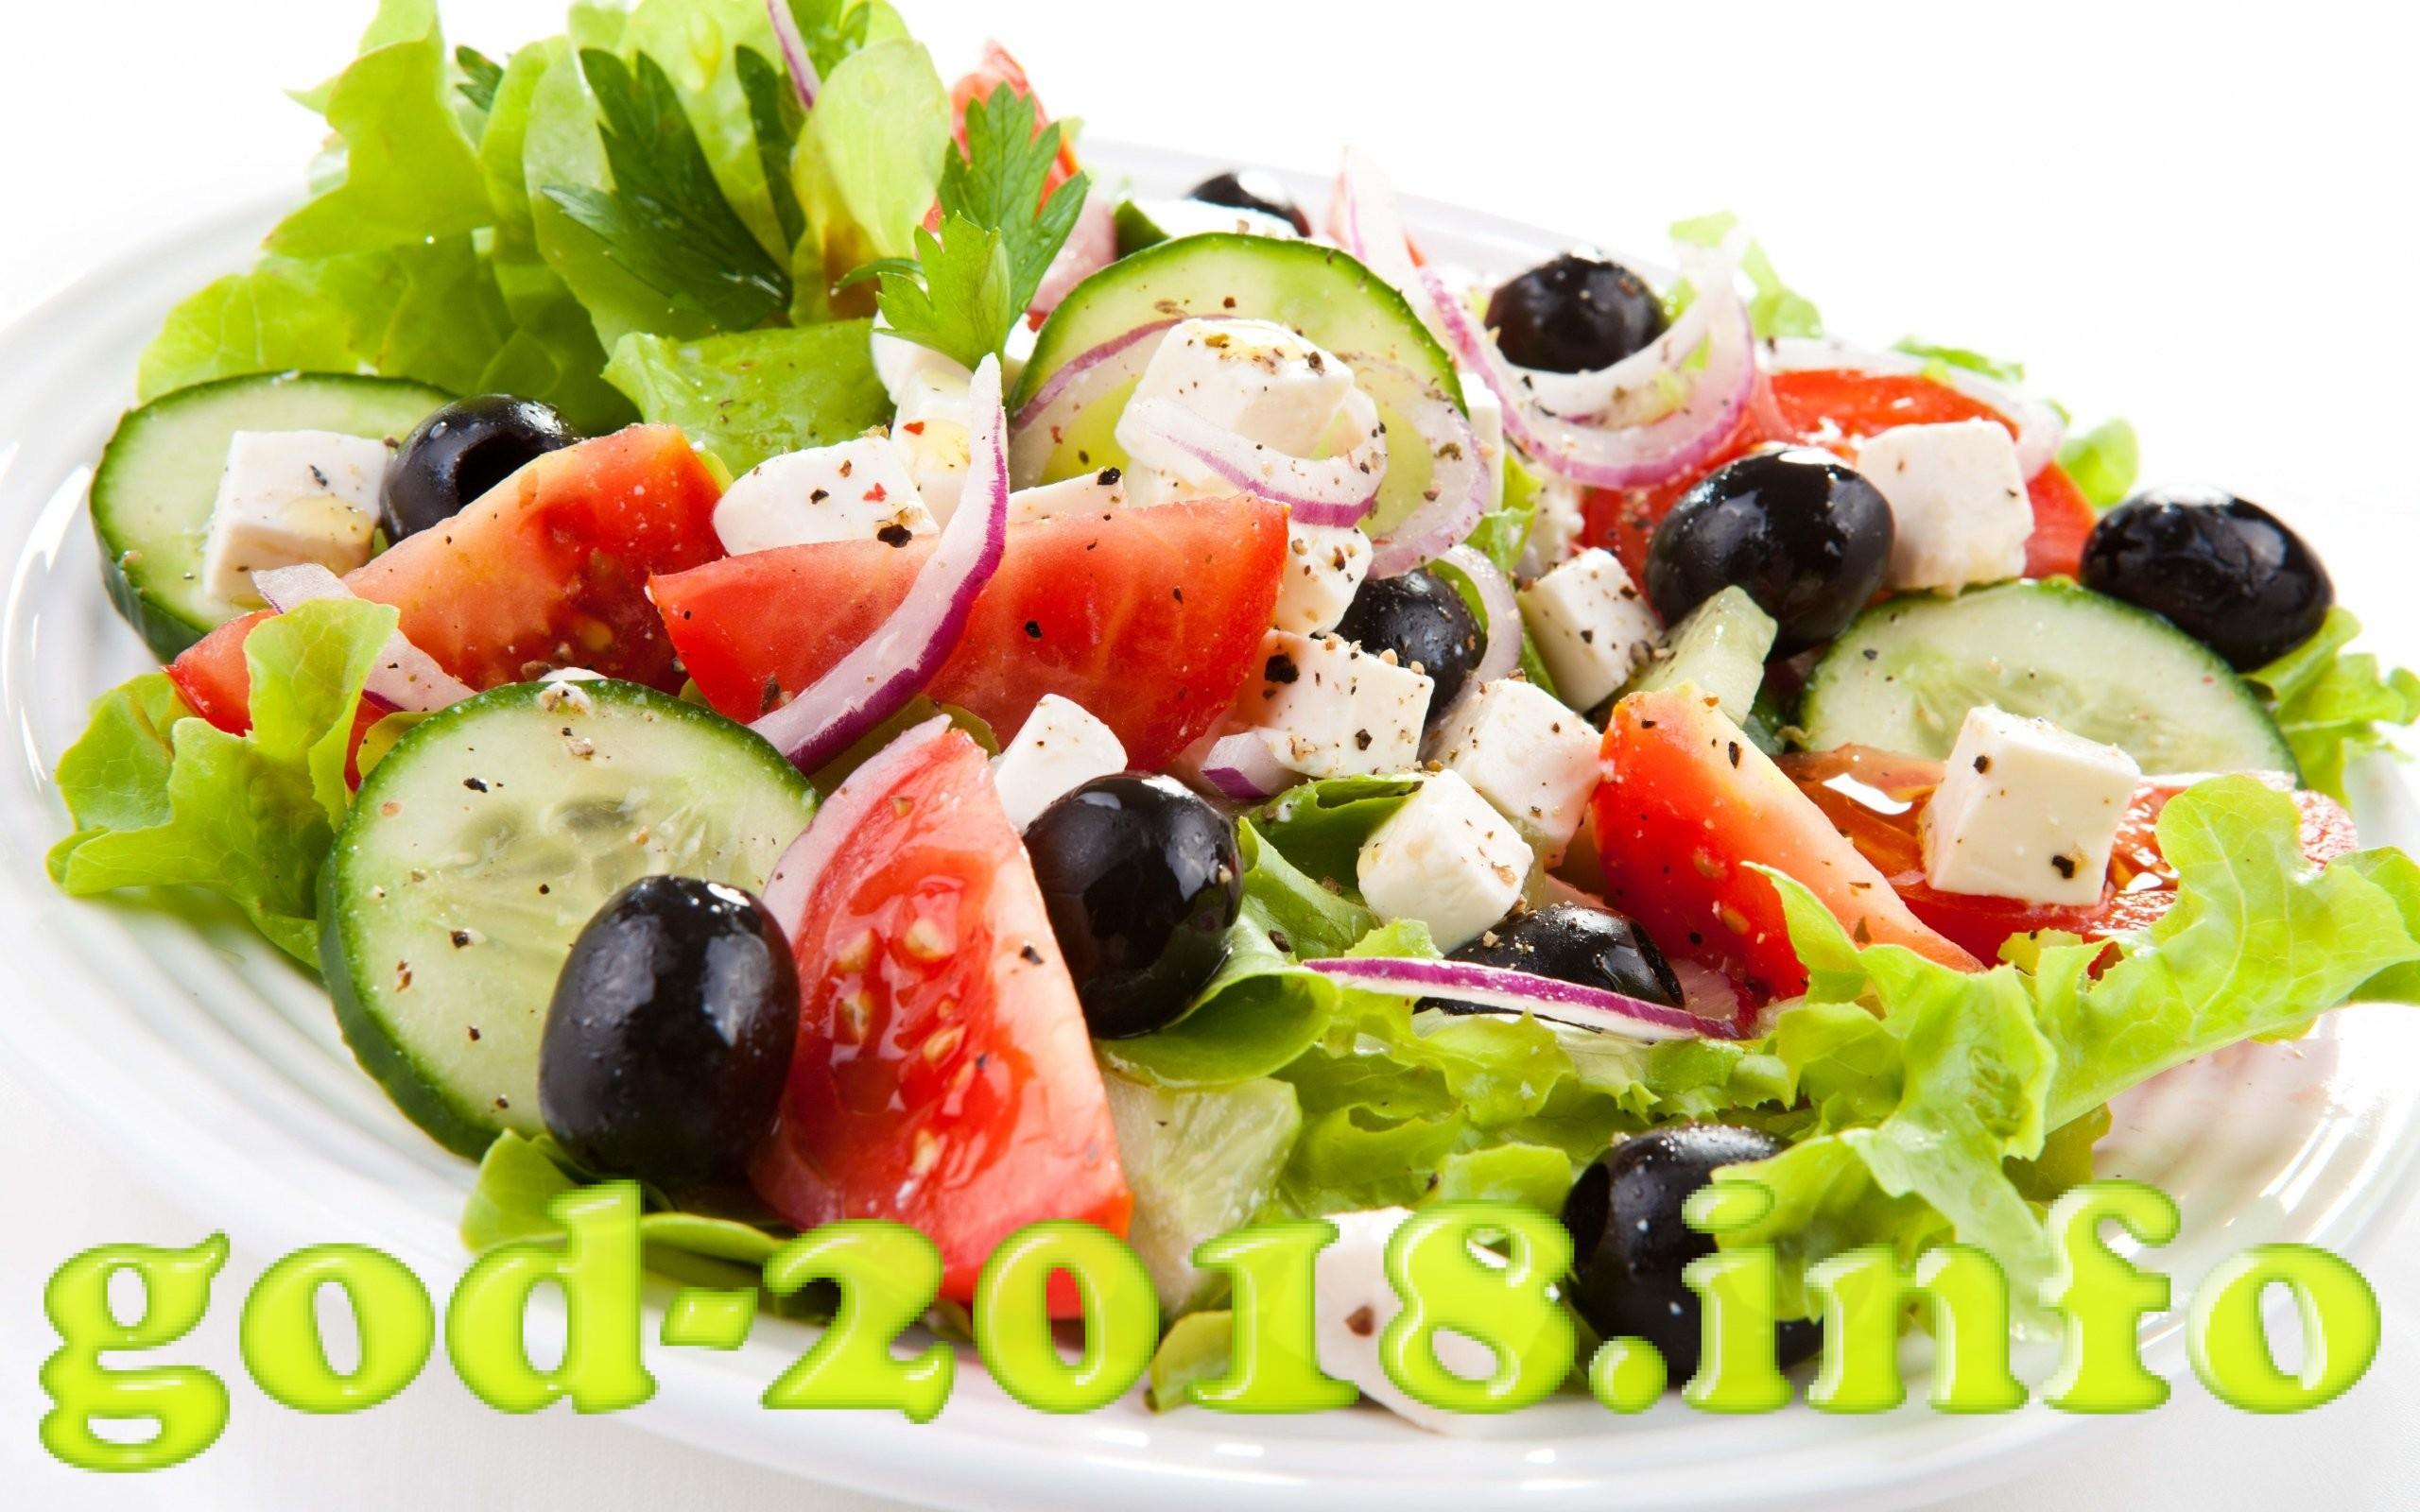 prostye-novogodnie-salaty-s-receptami-na-2018-god-s-foto-8